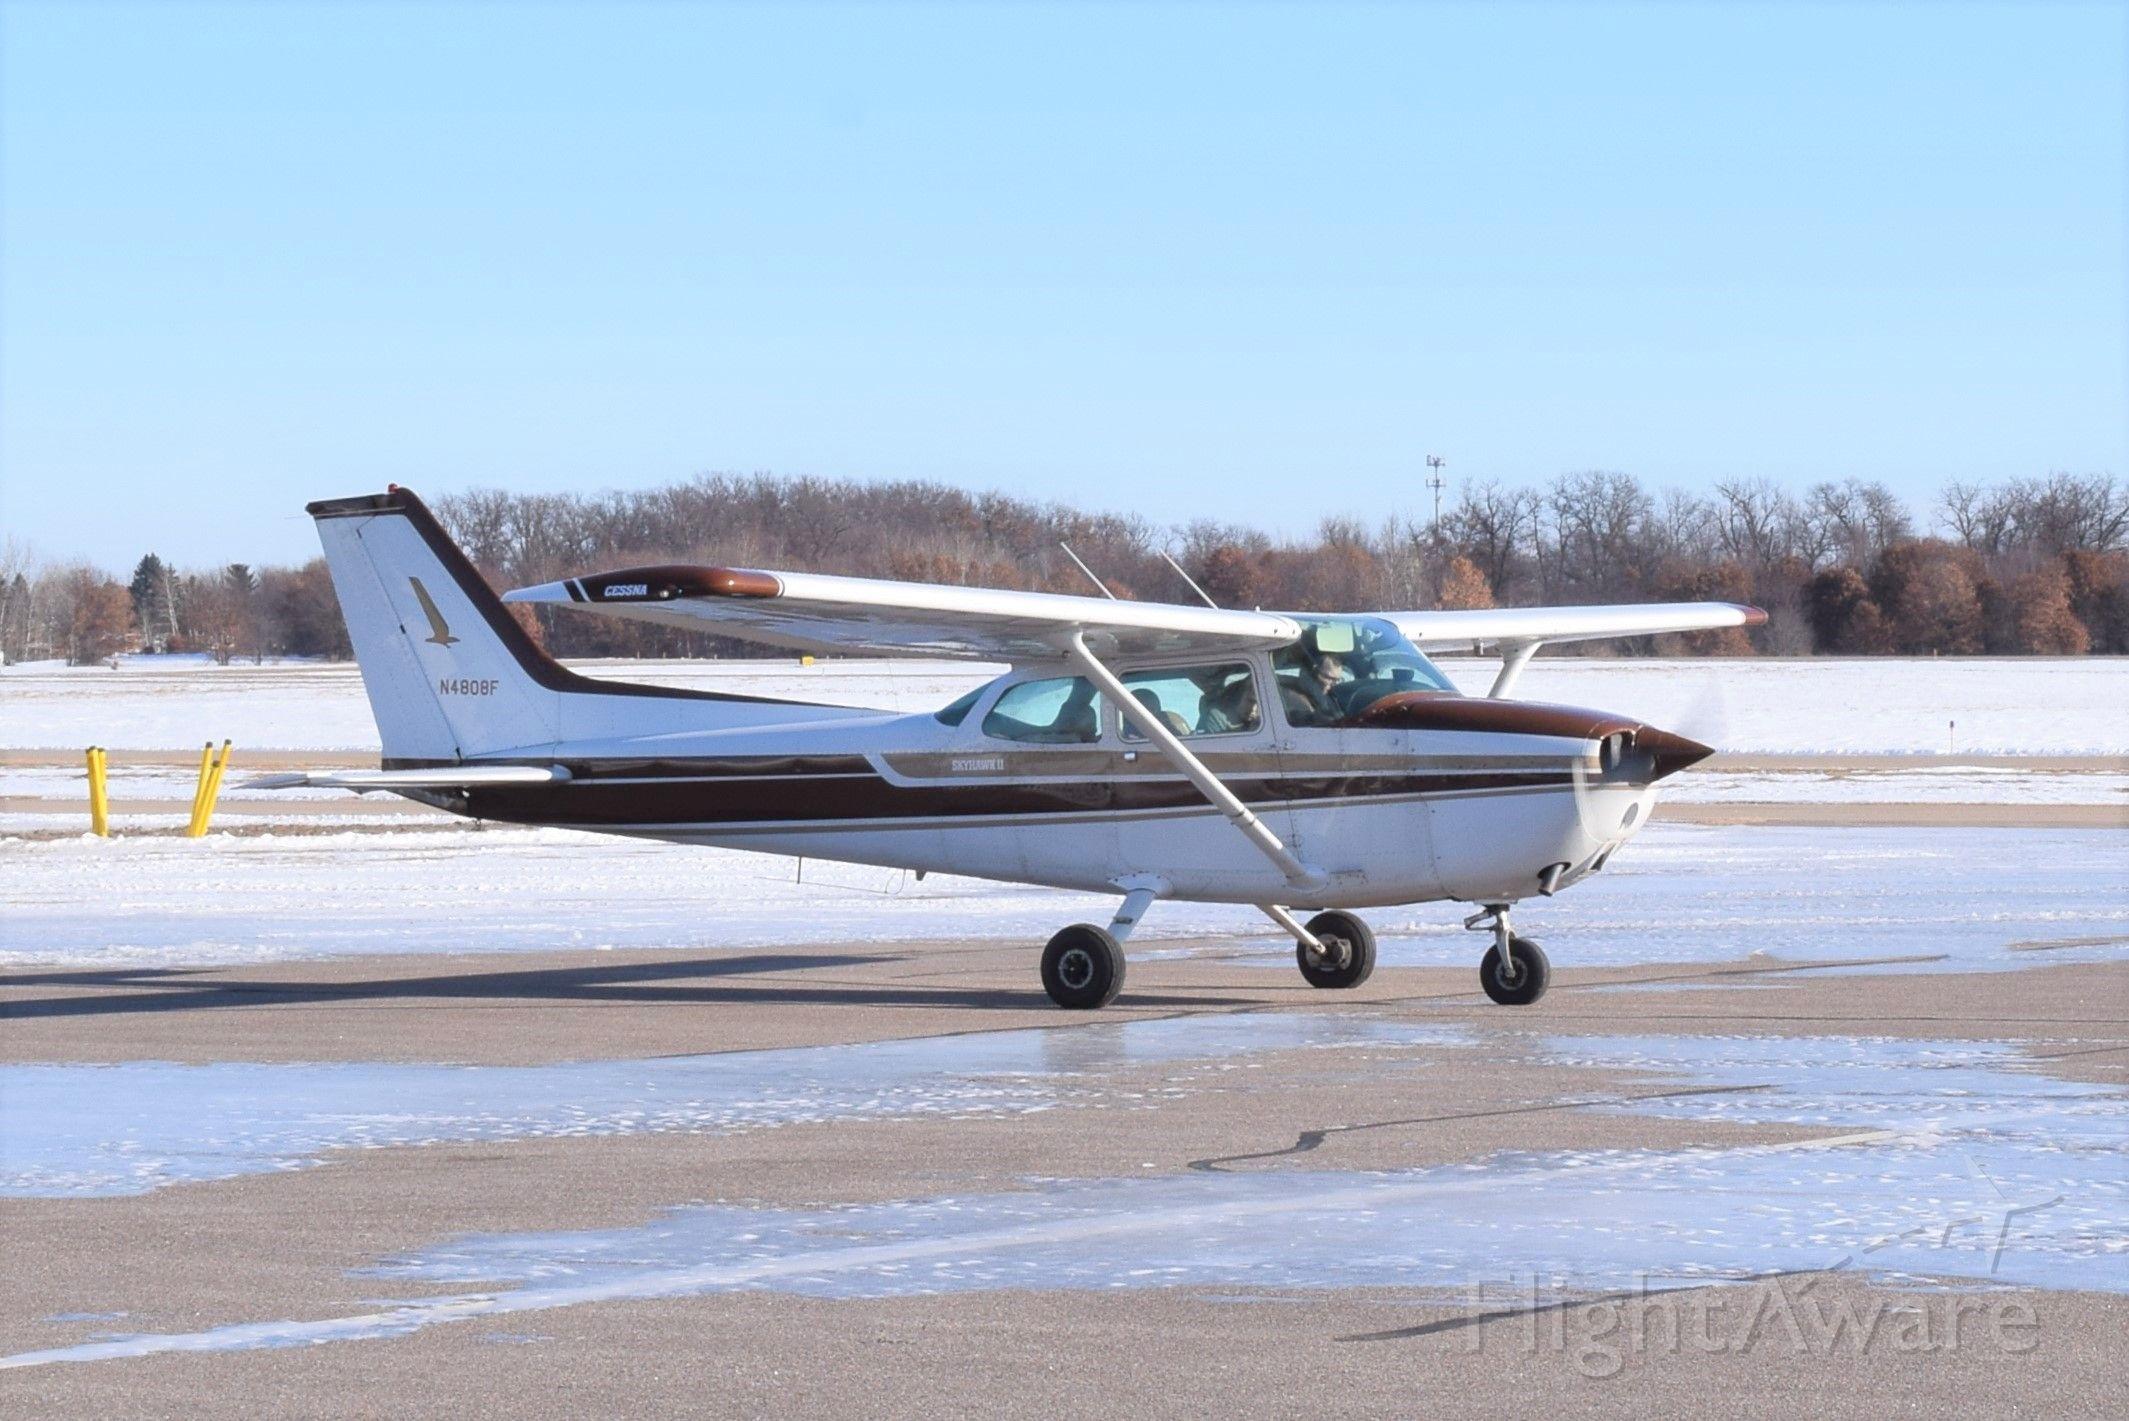 Cessna Skyhawk (N4808F) - EAA Young Eagles flight